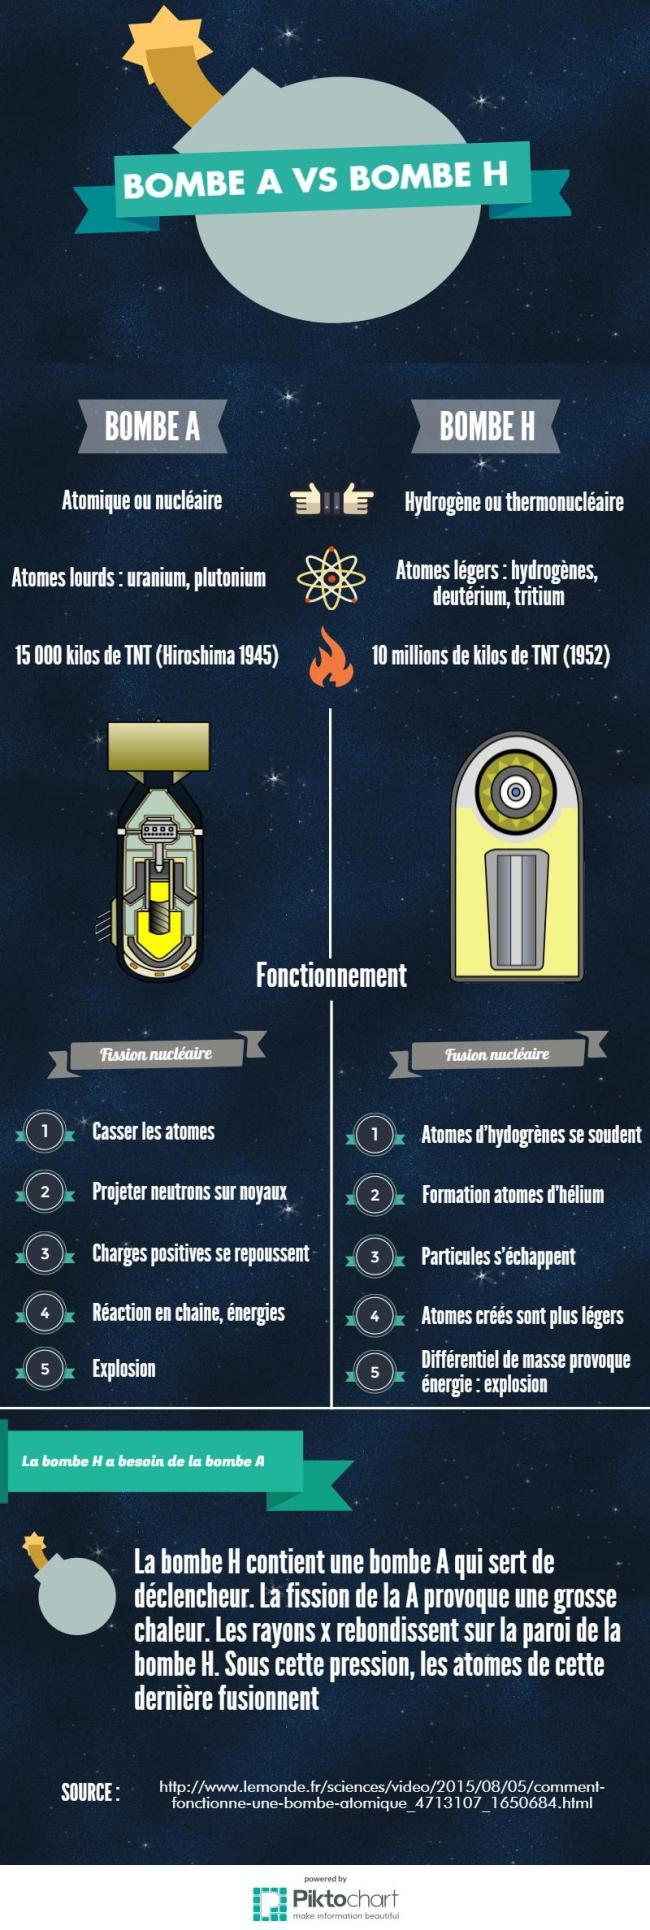 Fonctionnement et comparaison des bombes A et H. (Crédit : LS)